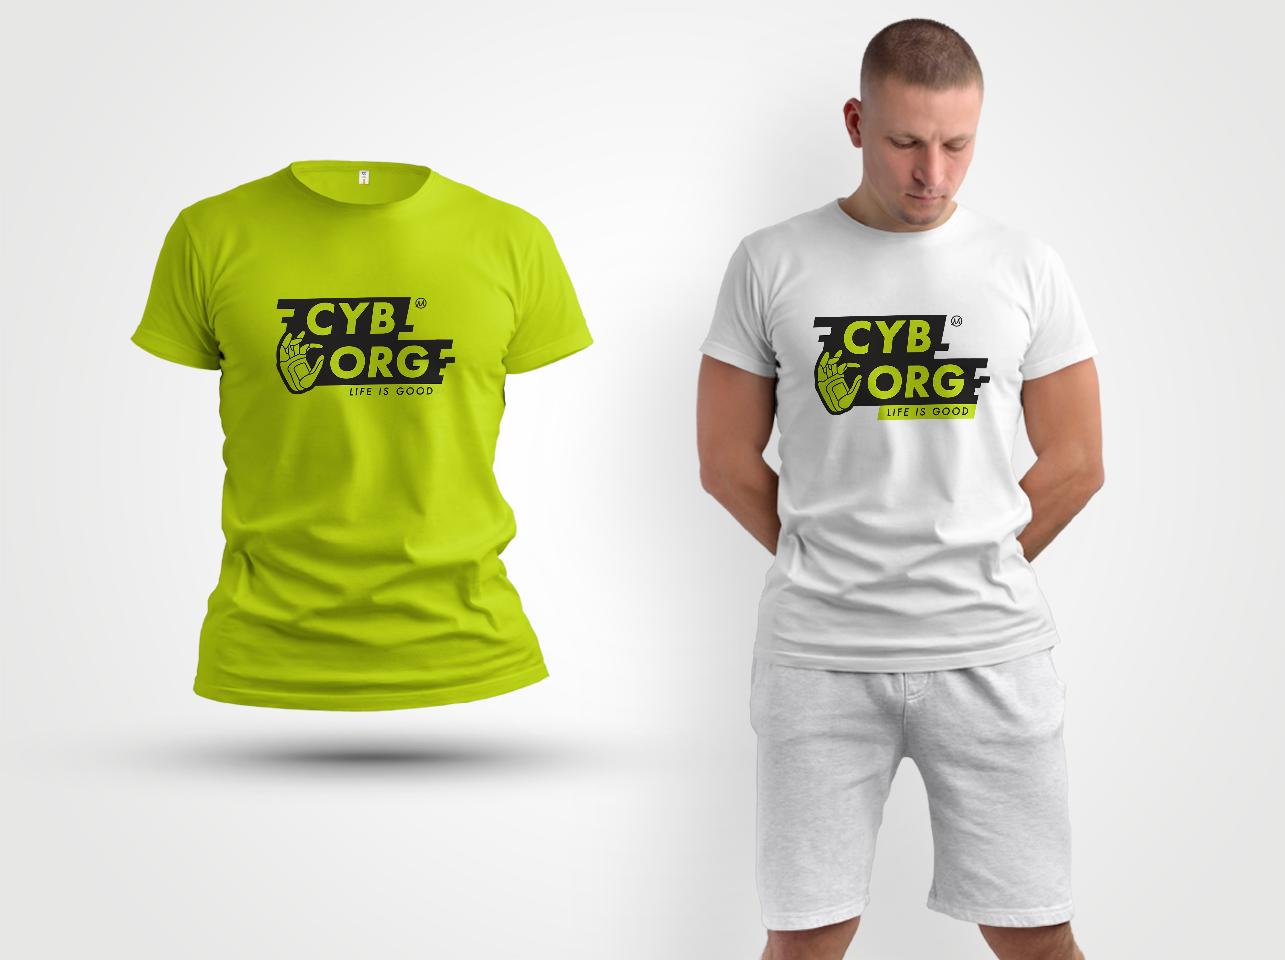 Нарисовать принты на футболки для компании Моторика фото f_29160a0ffb196c07.png